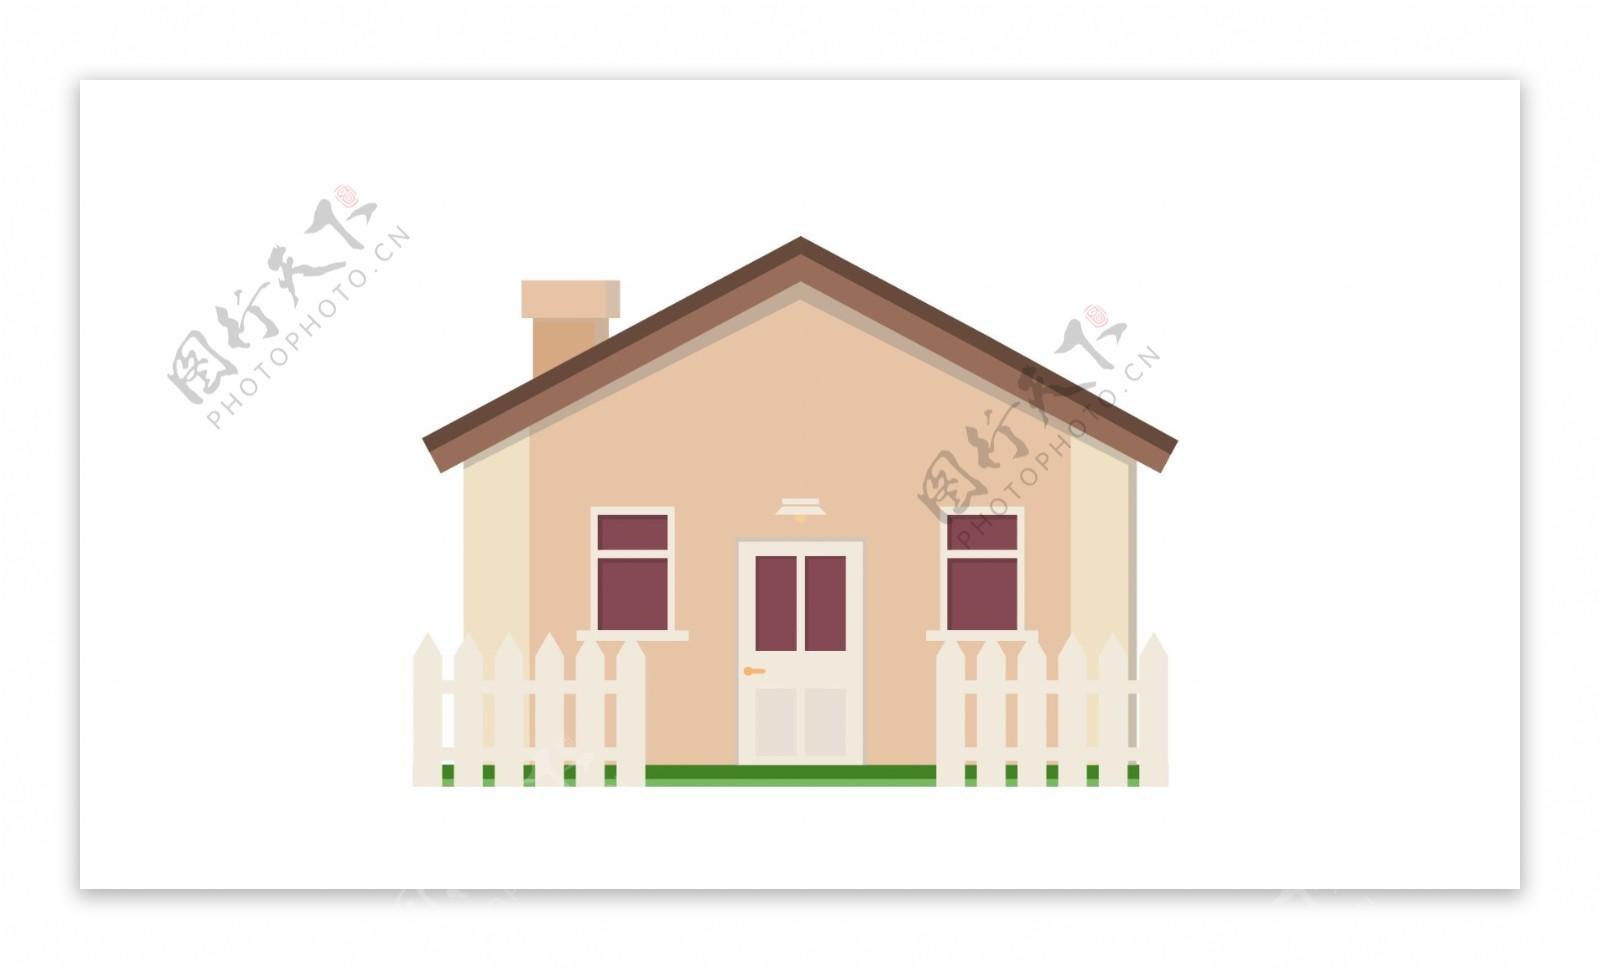 别墅房屋矢量元素